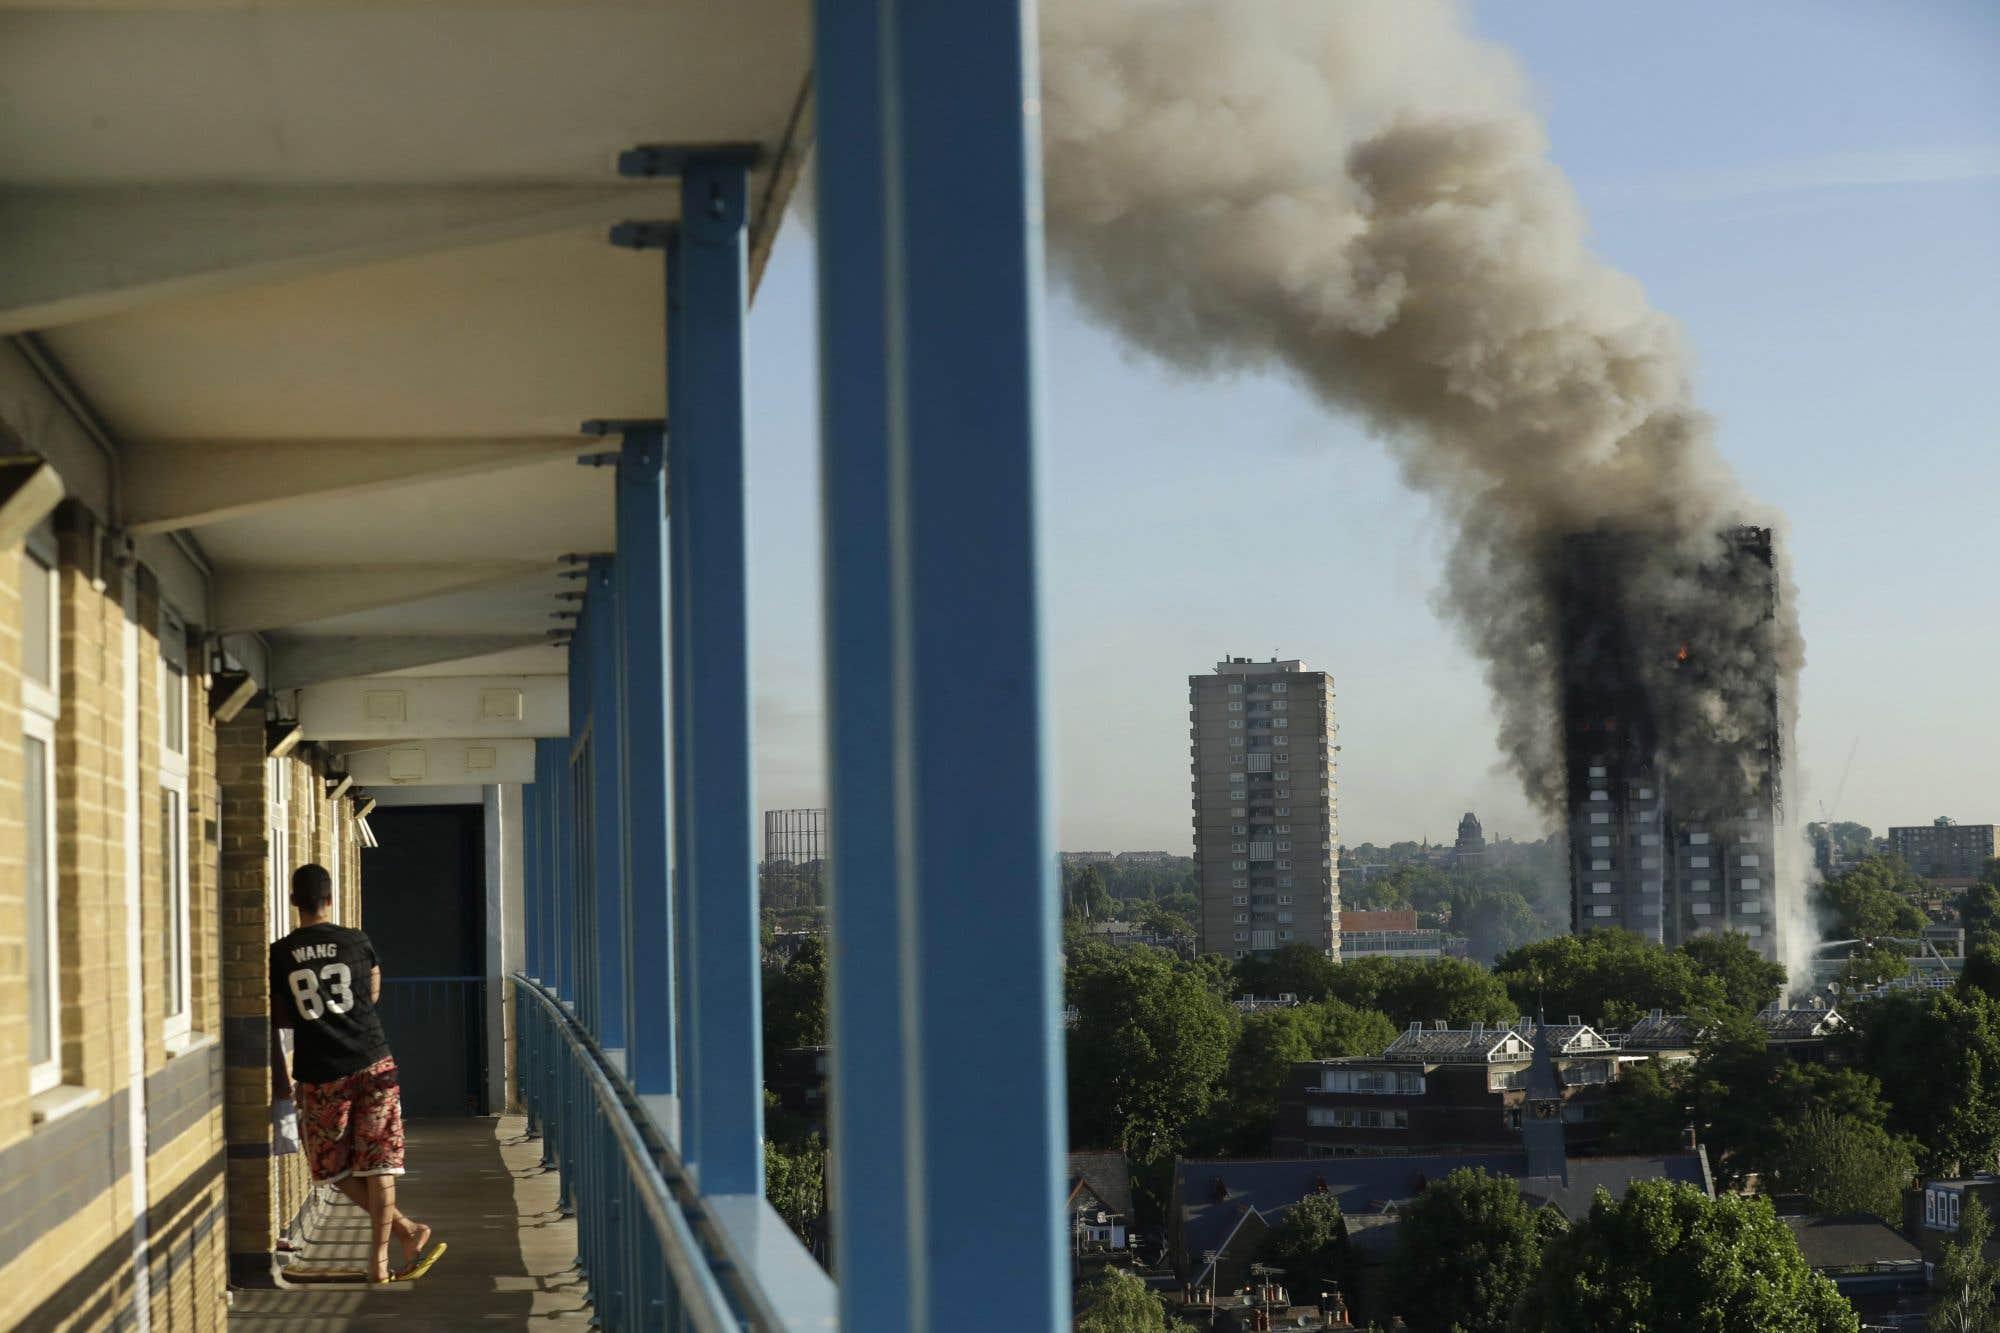 Un résident observe la fumée s'échapper de la tour Grenfell à Londres mercredi. L'édifice comprenait 120 logements et comptait 600 habitants. L'incendie qui s'est déclaré dans la nuit de mardi à mercredi s'était propagé en moins d'une heure à tout l'édifice et a pris 30 vies, selon le dernier bilan de la police britannique. La première ministre Theresa May a ordonné une enquête sur les causes de l'incendie jeudi.